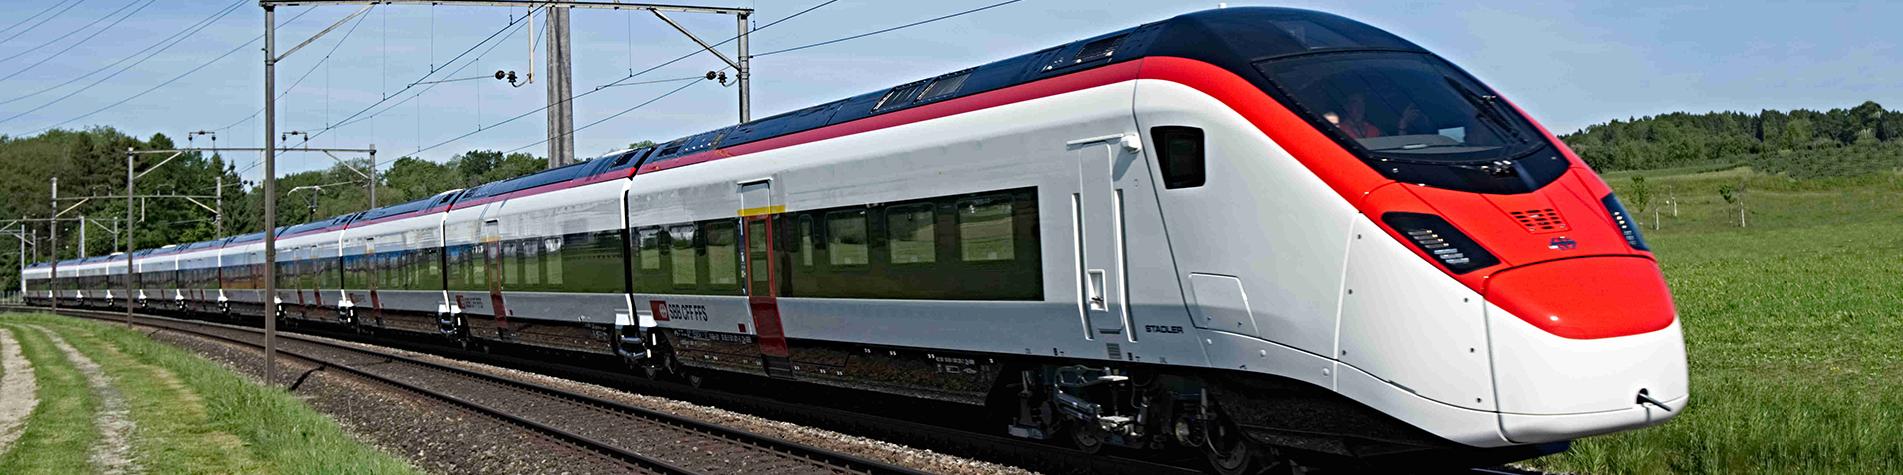 Construcción de vehículos ferroviarios